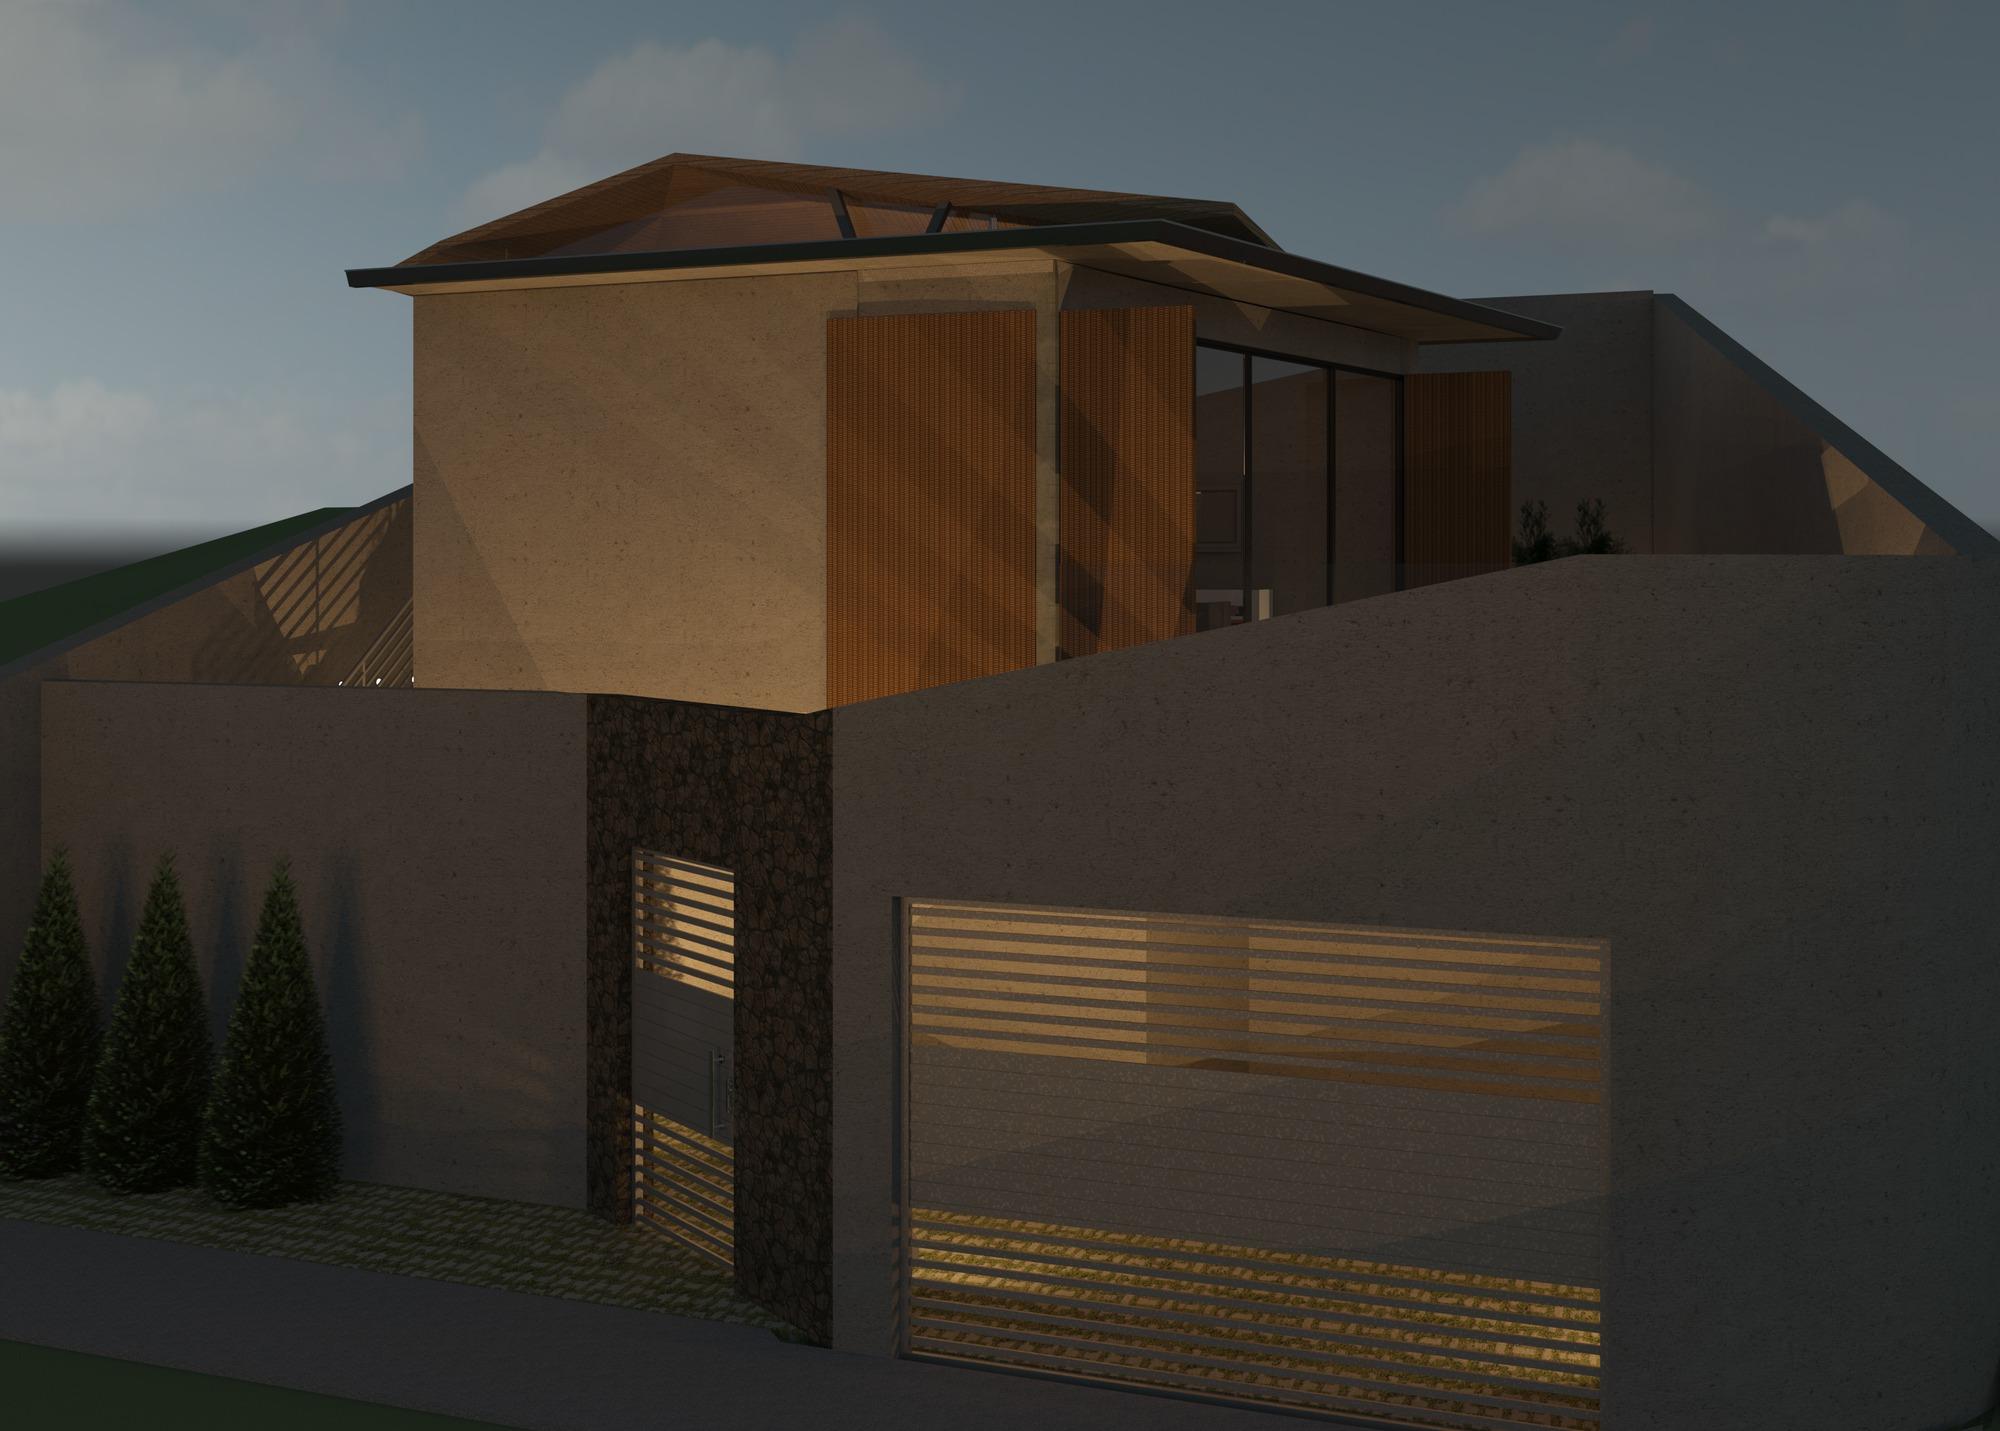 Raas-rendering20150610-25010-ahykzz